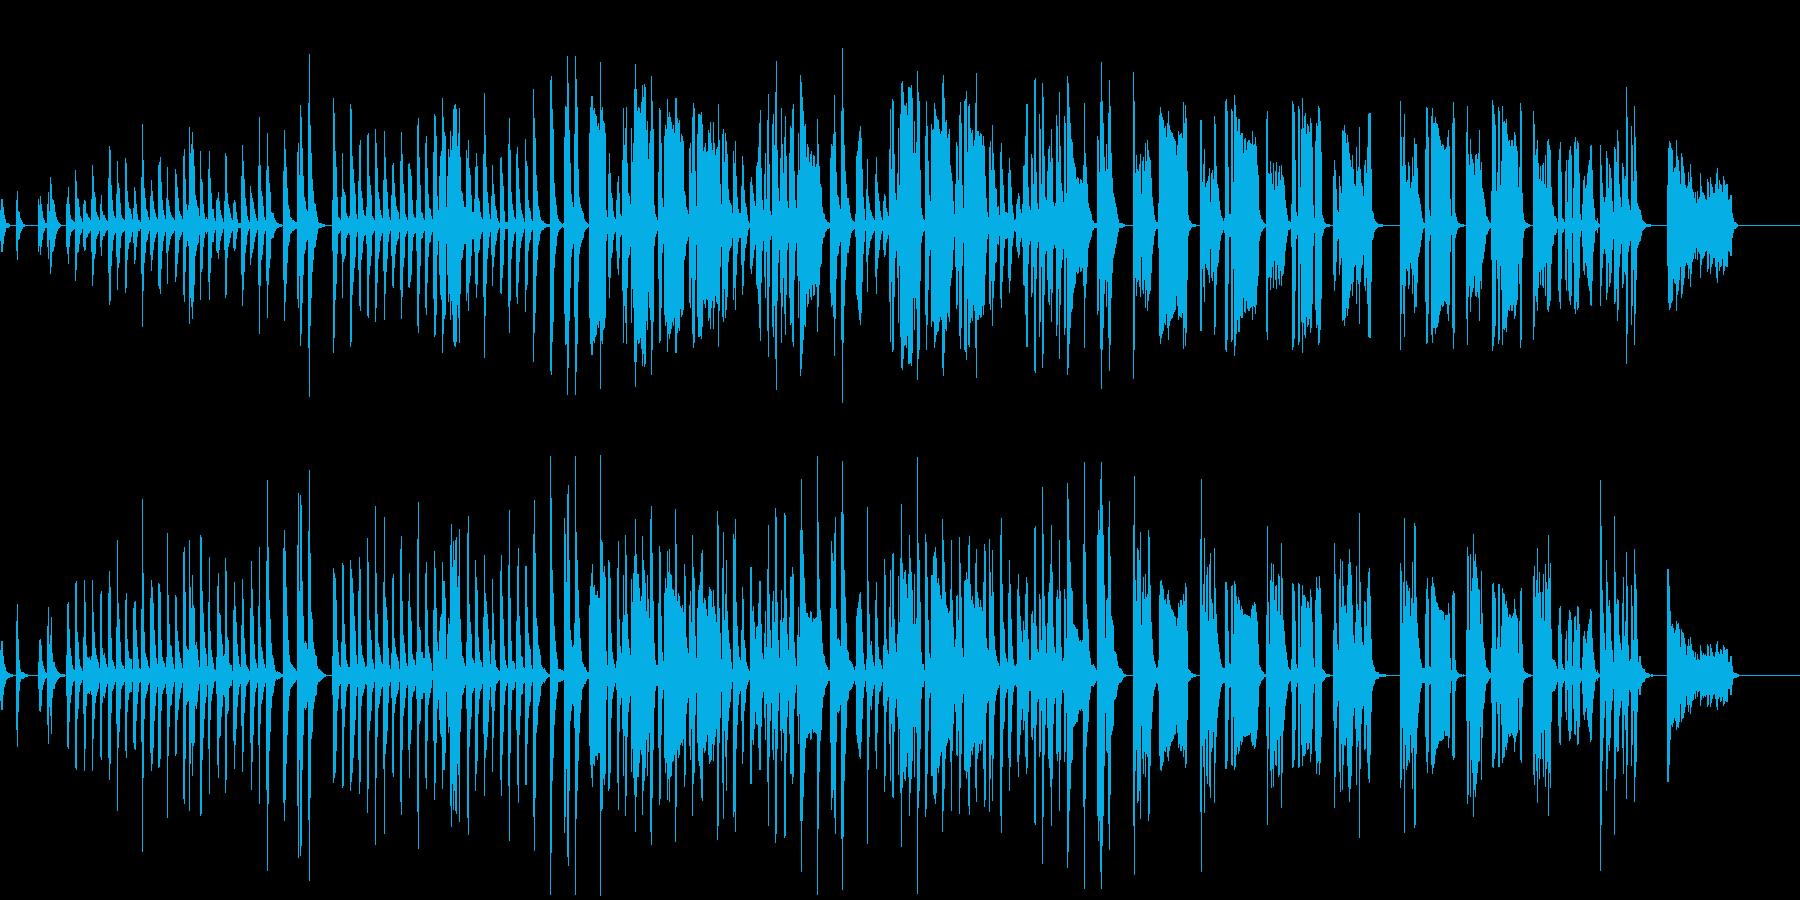 どよーんとしたコミカルな会話シーンの劇伴の再生済みの波形